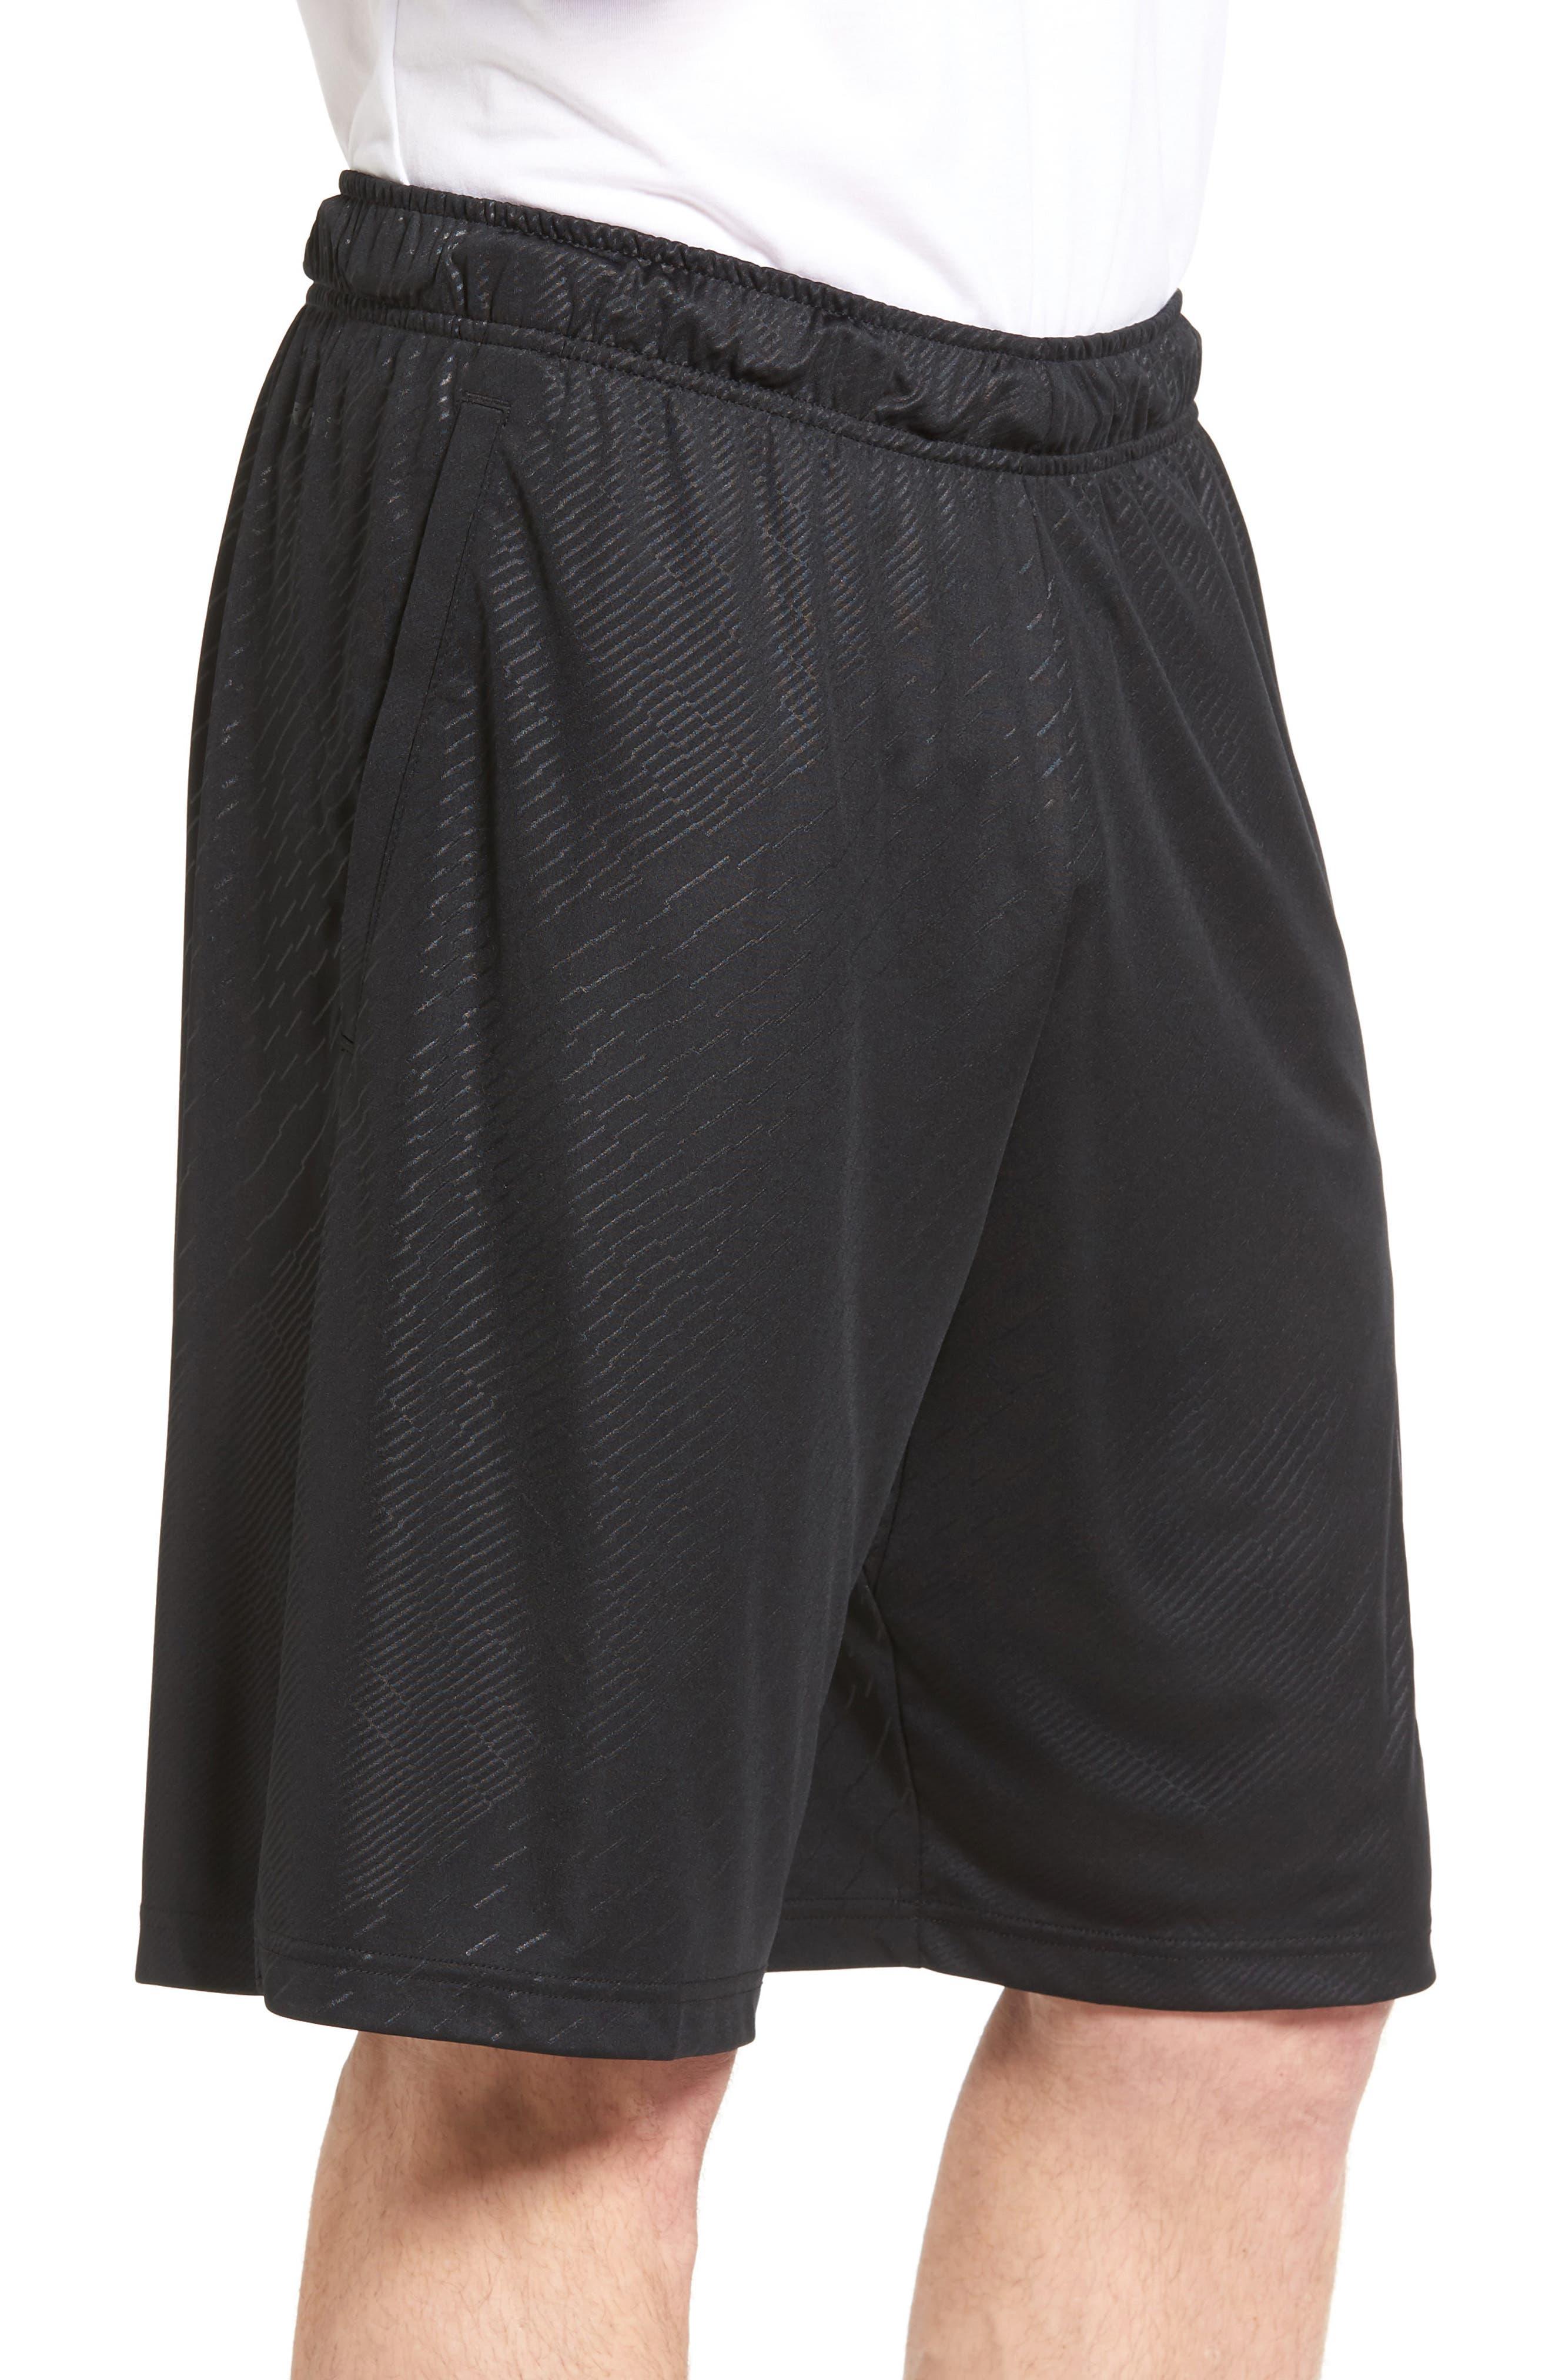 Alternate Image 3  - Nike Dry Training Shorts